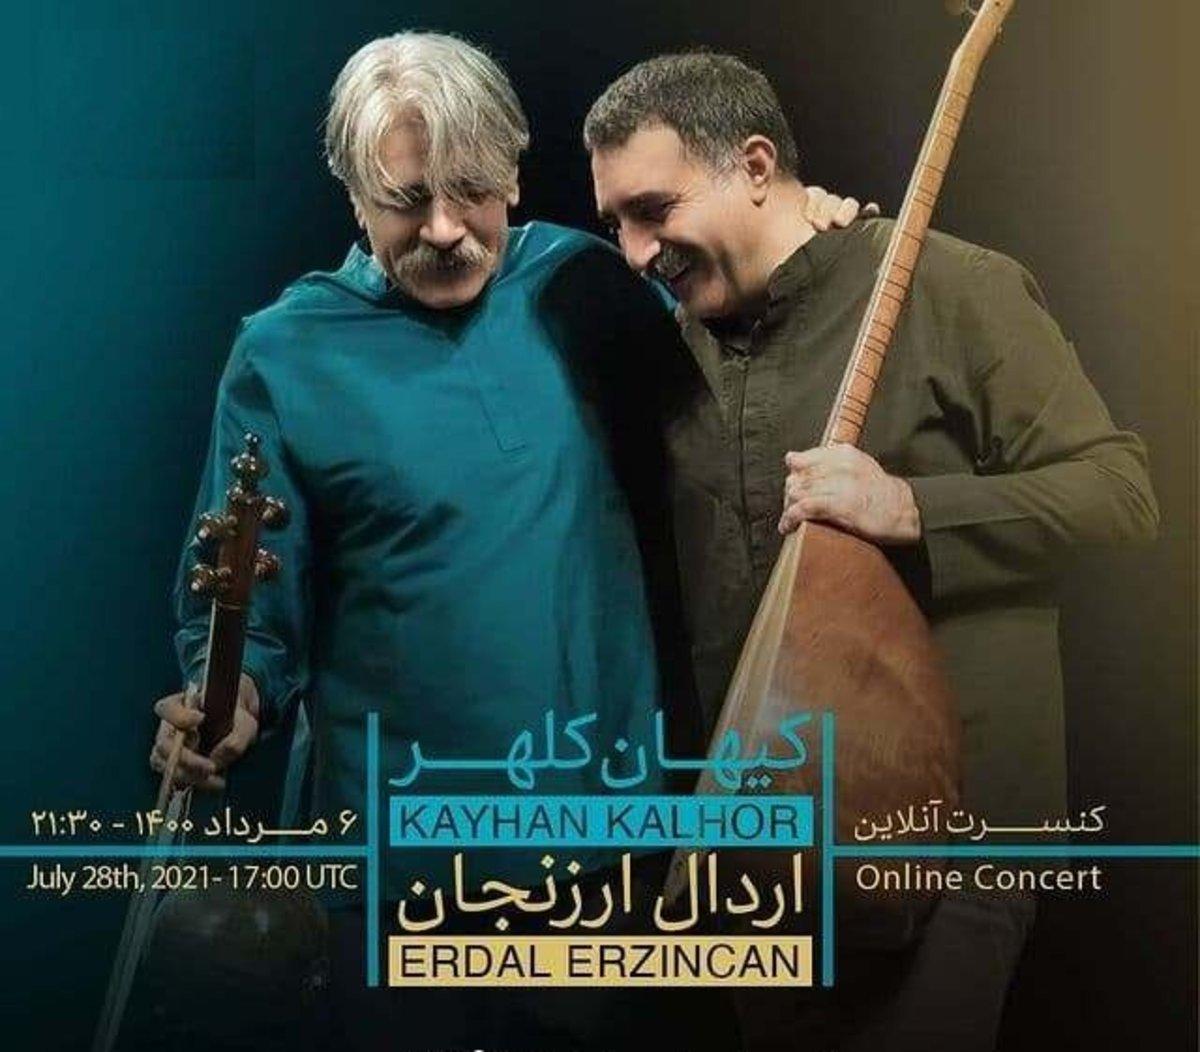 چهارمین کنسرت آنلاین کیهان کلهر اینبار با همراهی اردال ارزن